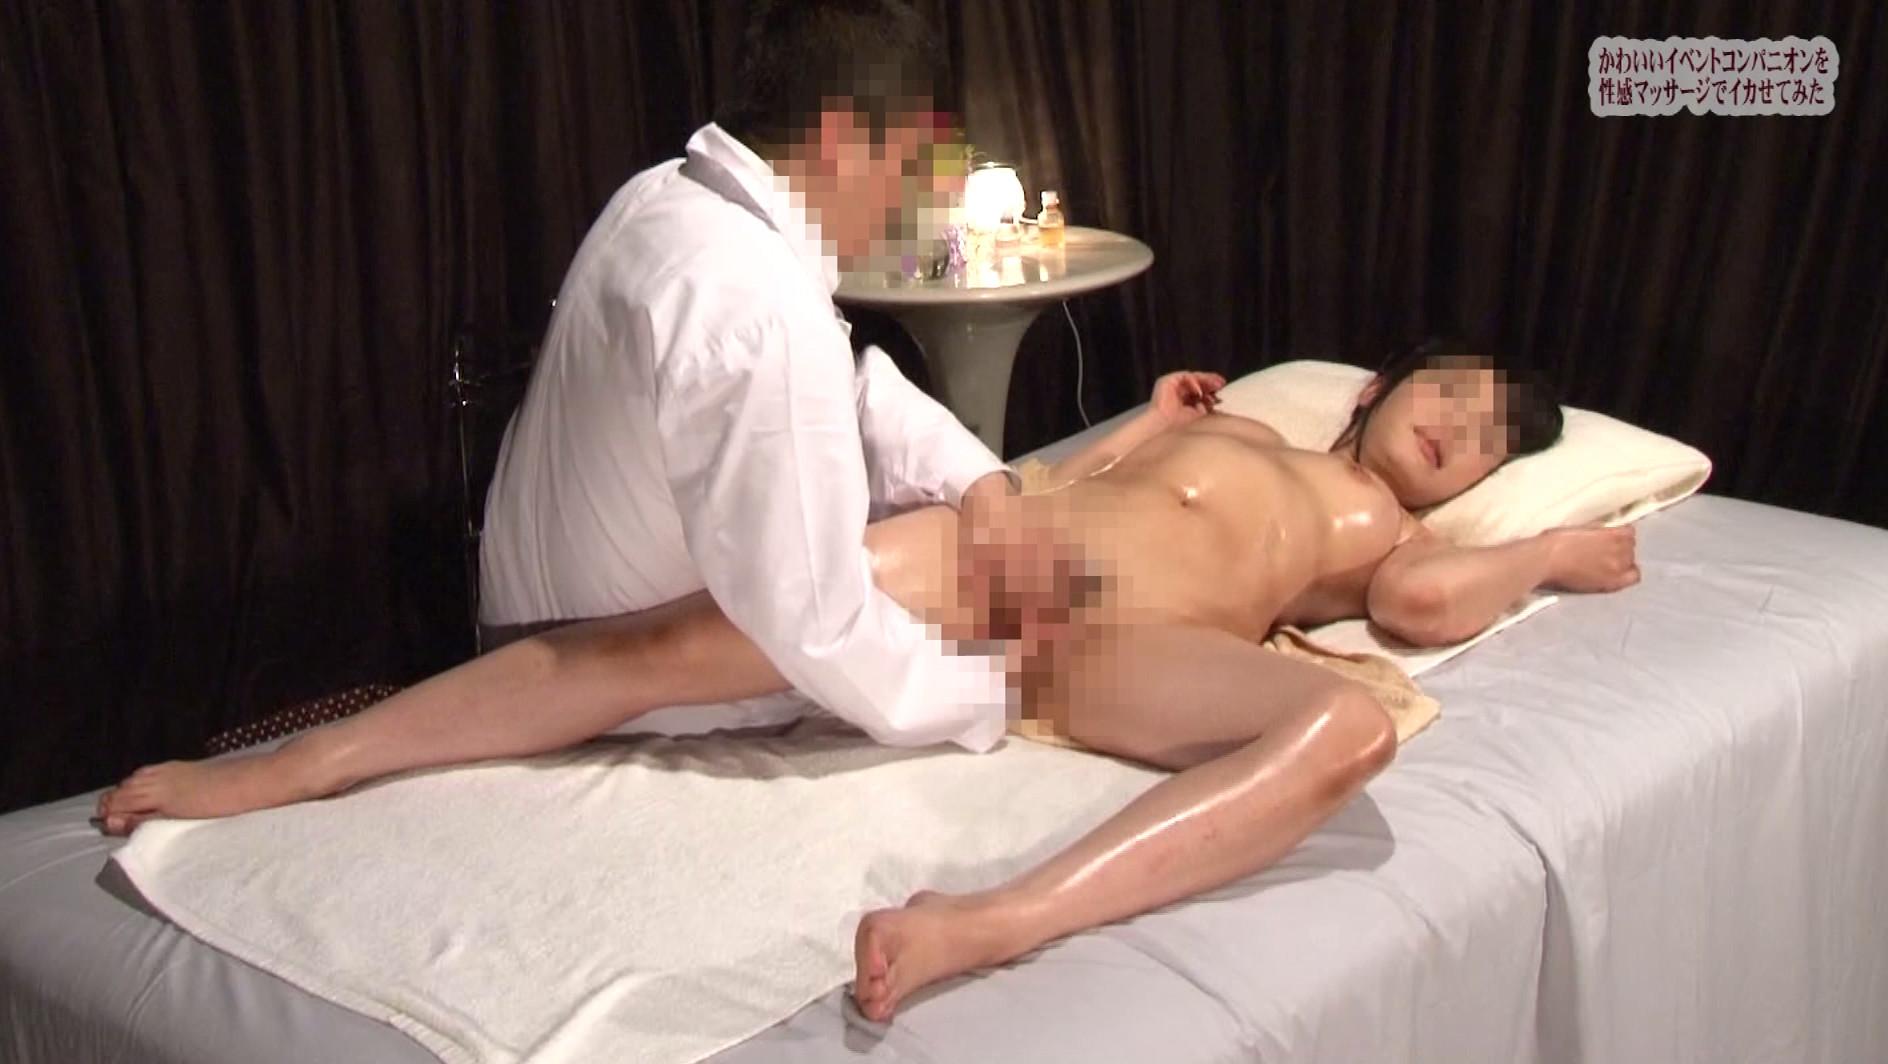 かわいいイベントコンパニオンのお姉さんを性感マッサージでとことんイカせてみた 画像21